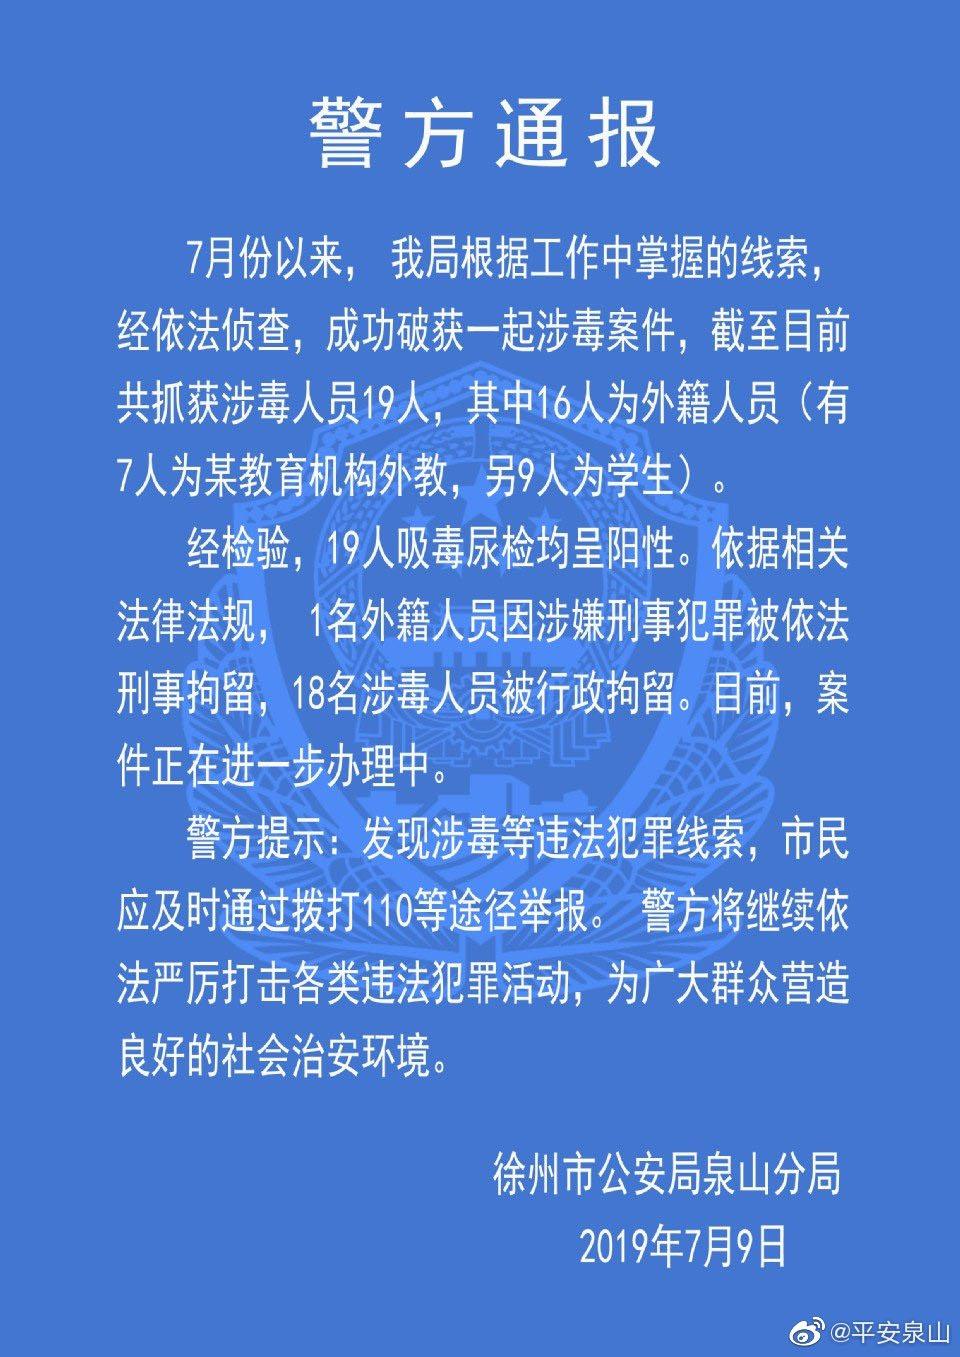 英孚教育徐州中心16名外籍人员涉毒被抓 7名为外教